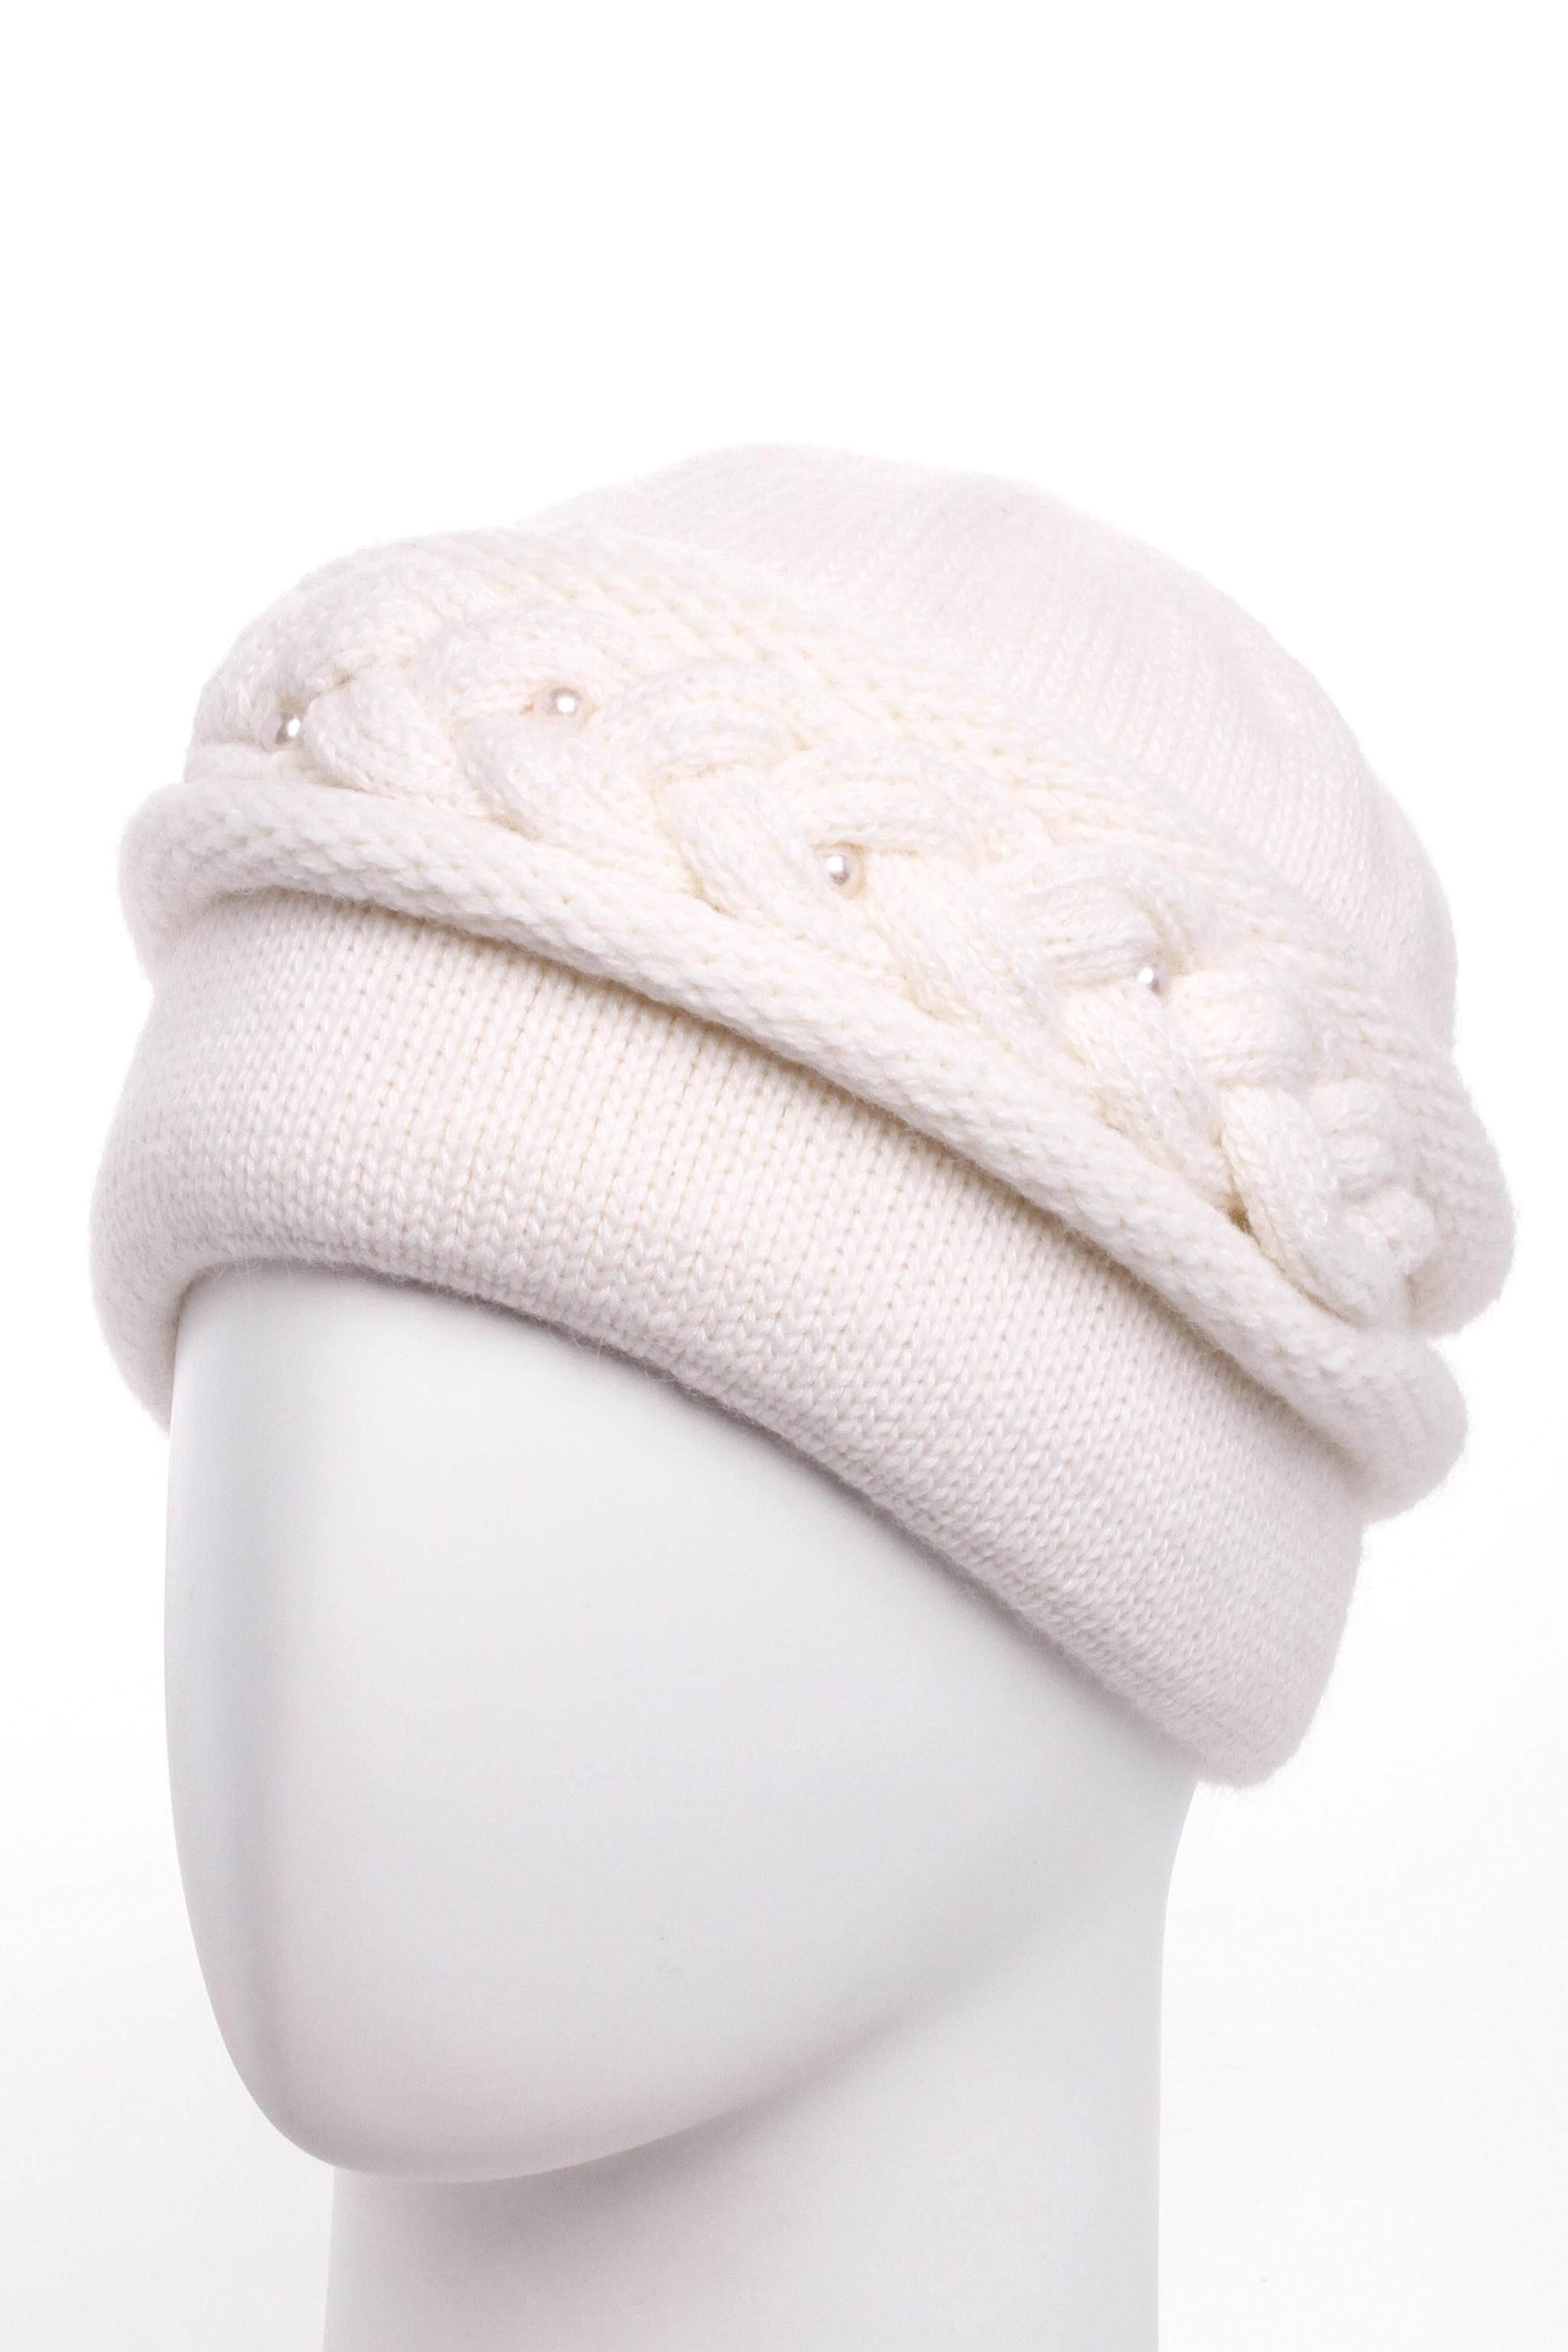 ШапкаШапки<br>Красивая шапка подарит Вам тепло и комфорт.  Стильный аксессуар защитит Вас от непогоды и станет прекрасным дополнением Вашего образа.  Цвет: белый<br><br>По материалу: Вязаные,Трикотаж<br>По рисунку: Однотонные<br>По элементам: С декором<br>По сезону: Зима<br>Размер : universal<br>Материал: Вязаное полотно<br>Количество в наличии: 1